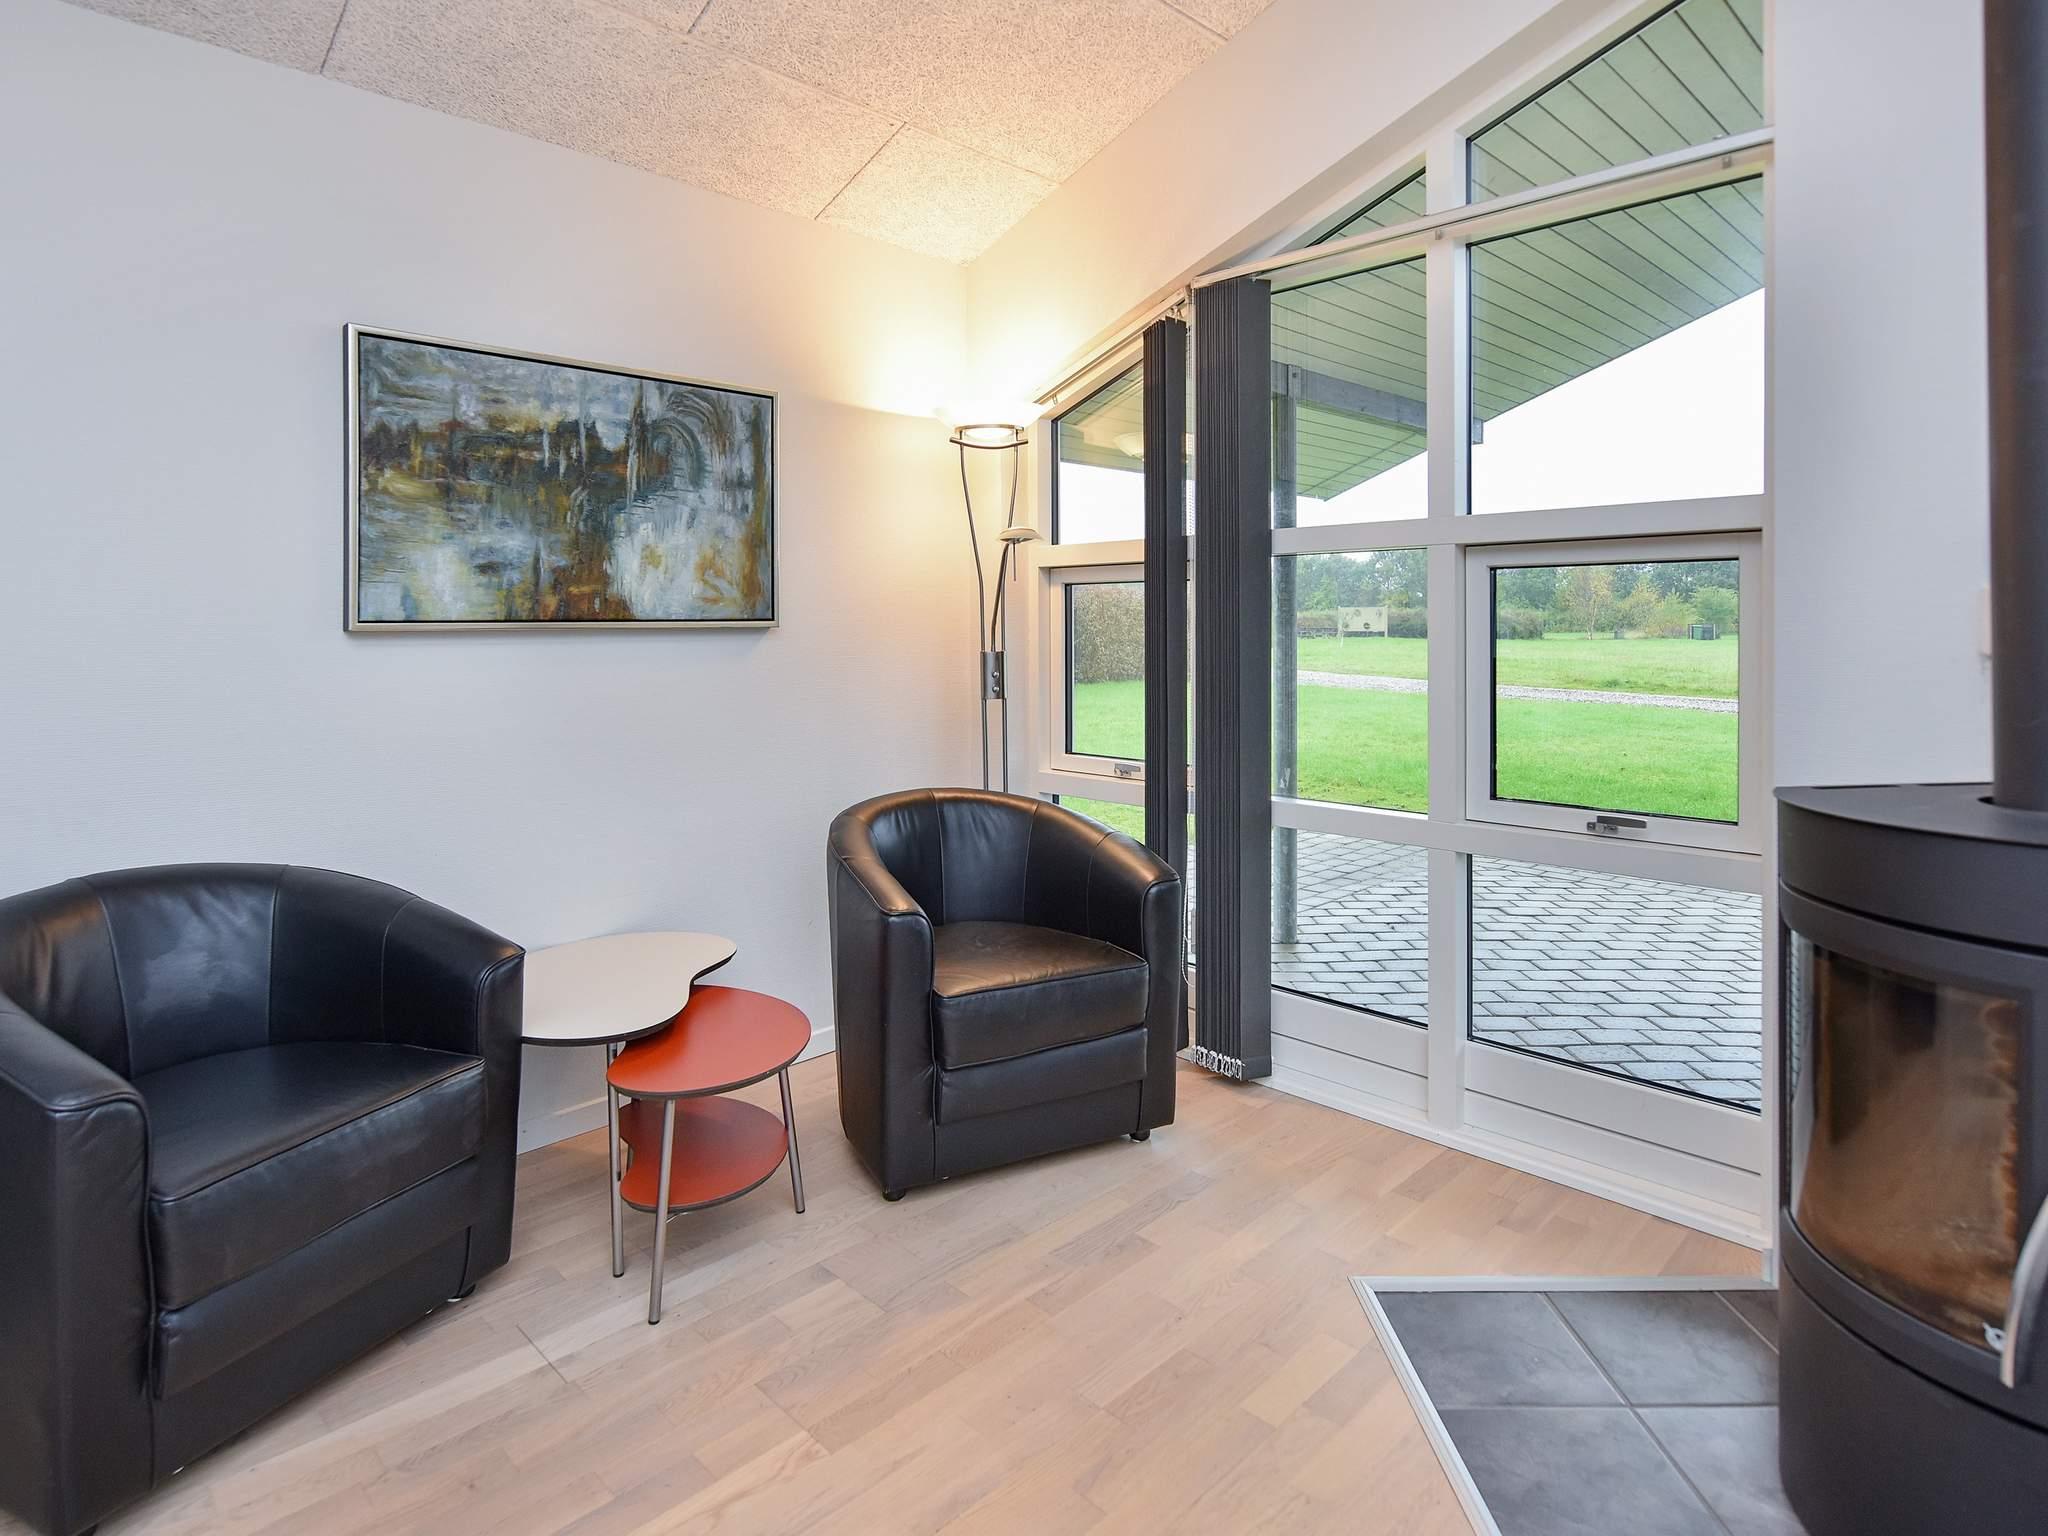 Ferienhaus Hovborg (404746), Hovborg, , Südjütland, Dänemark, Bild 4